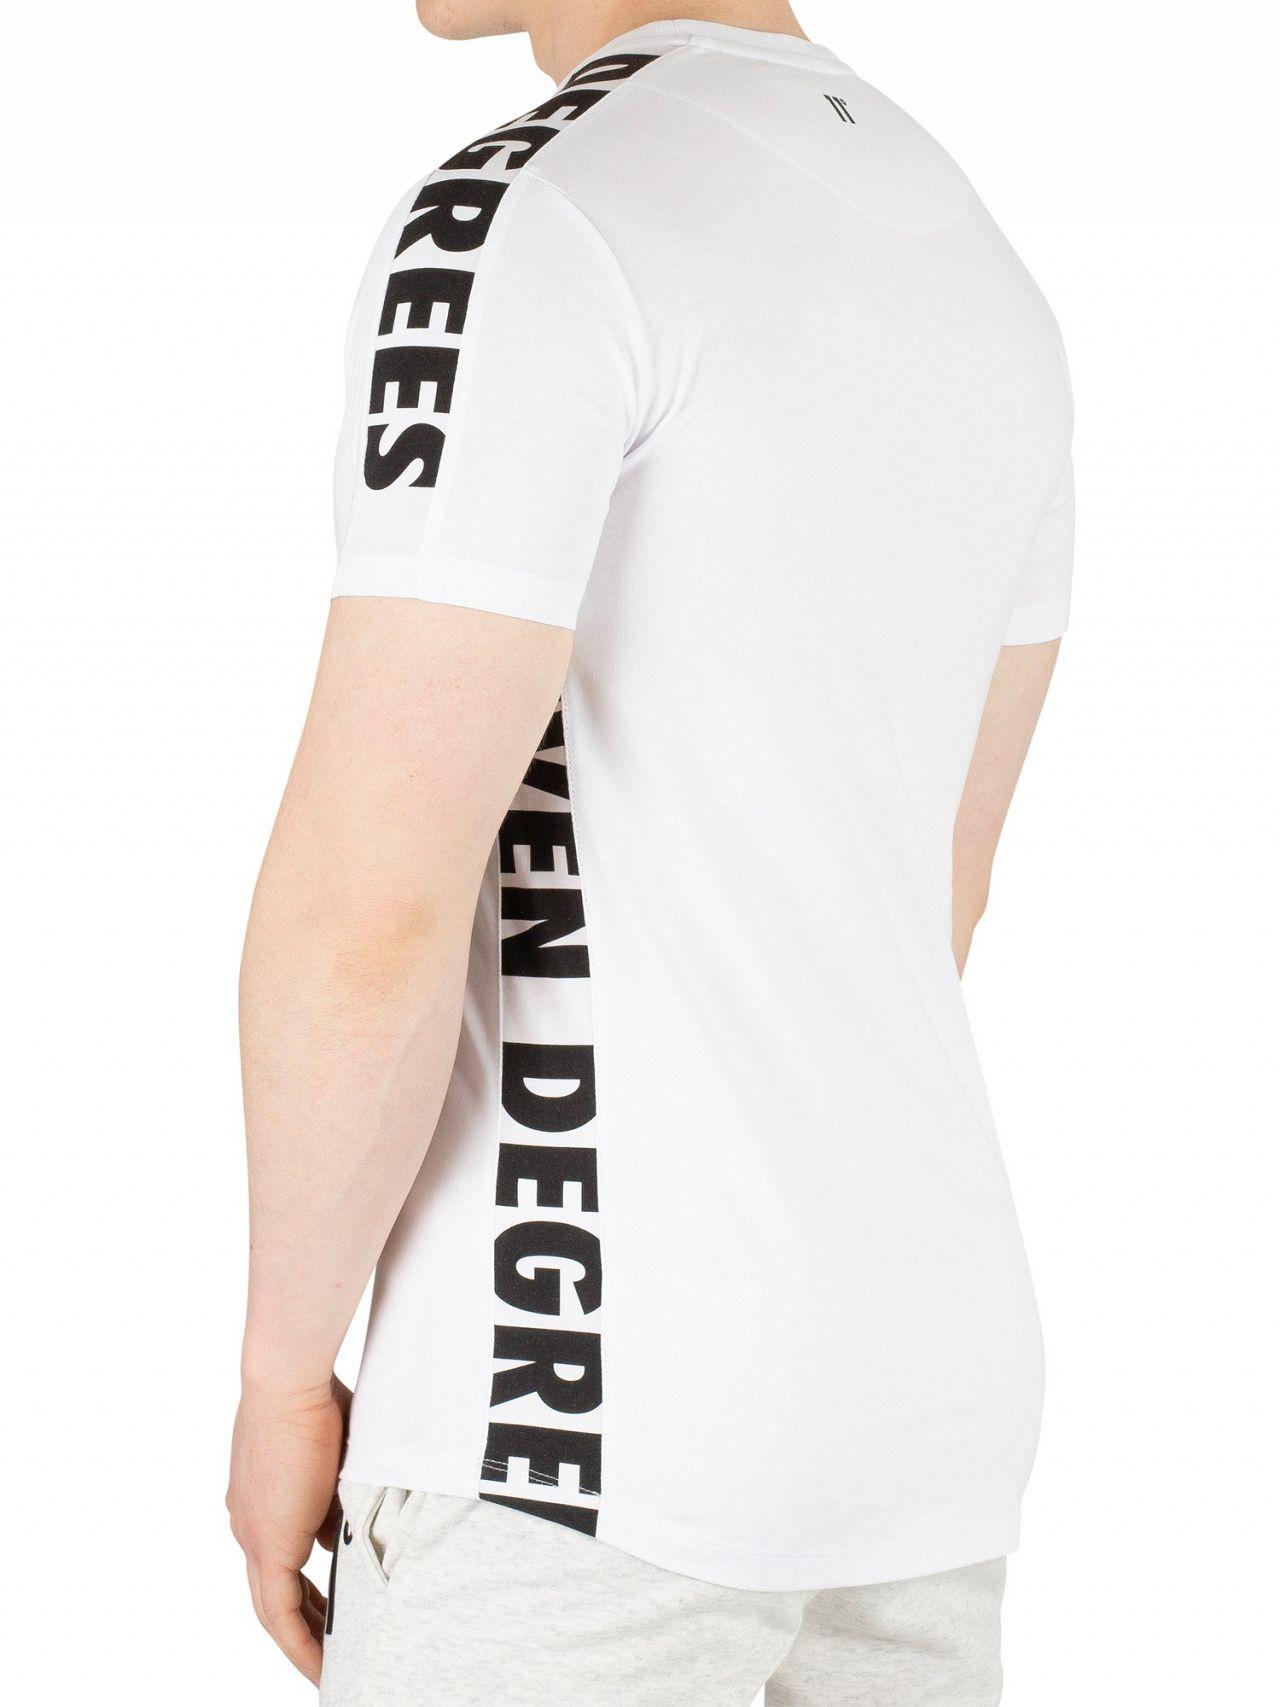 faad484b34 11 Degrees White Triad T-Shirt   Standout